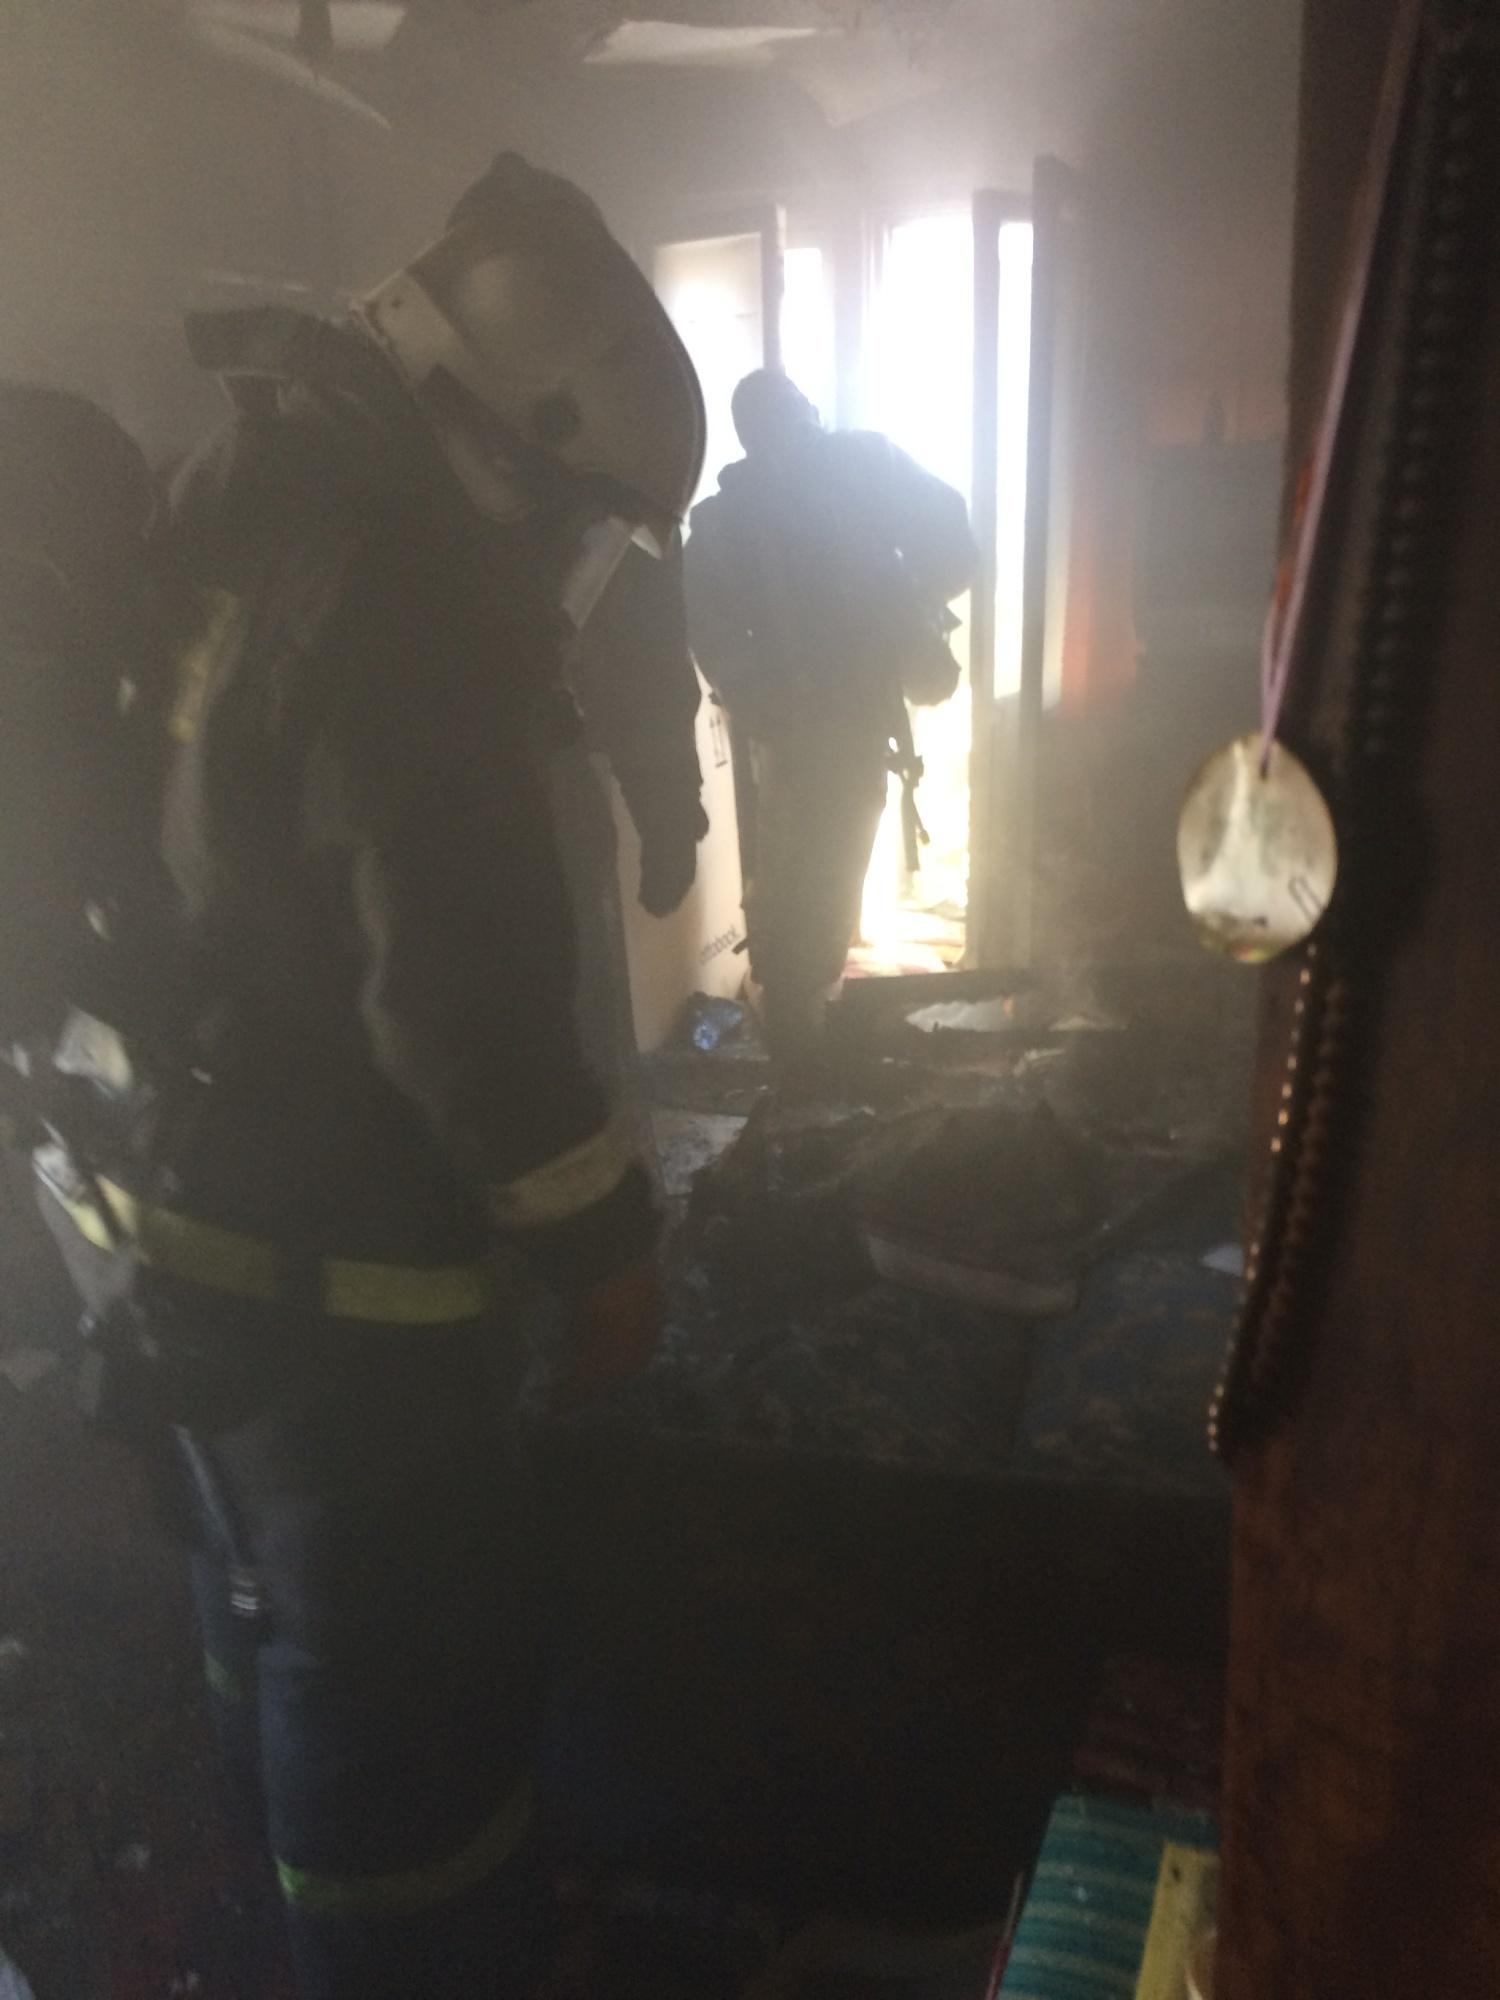 Пожарно-спасательные подразделения привлекались для ликвидации пожара в г. Кондопоге.